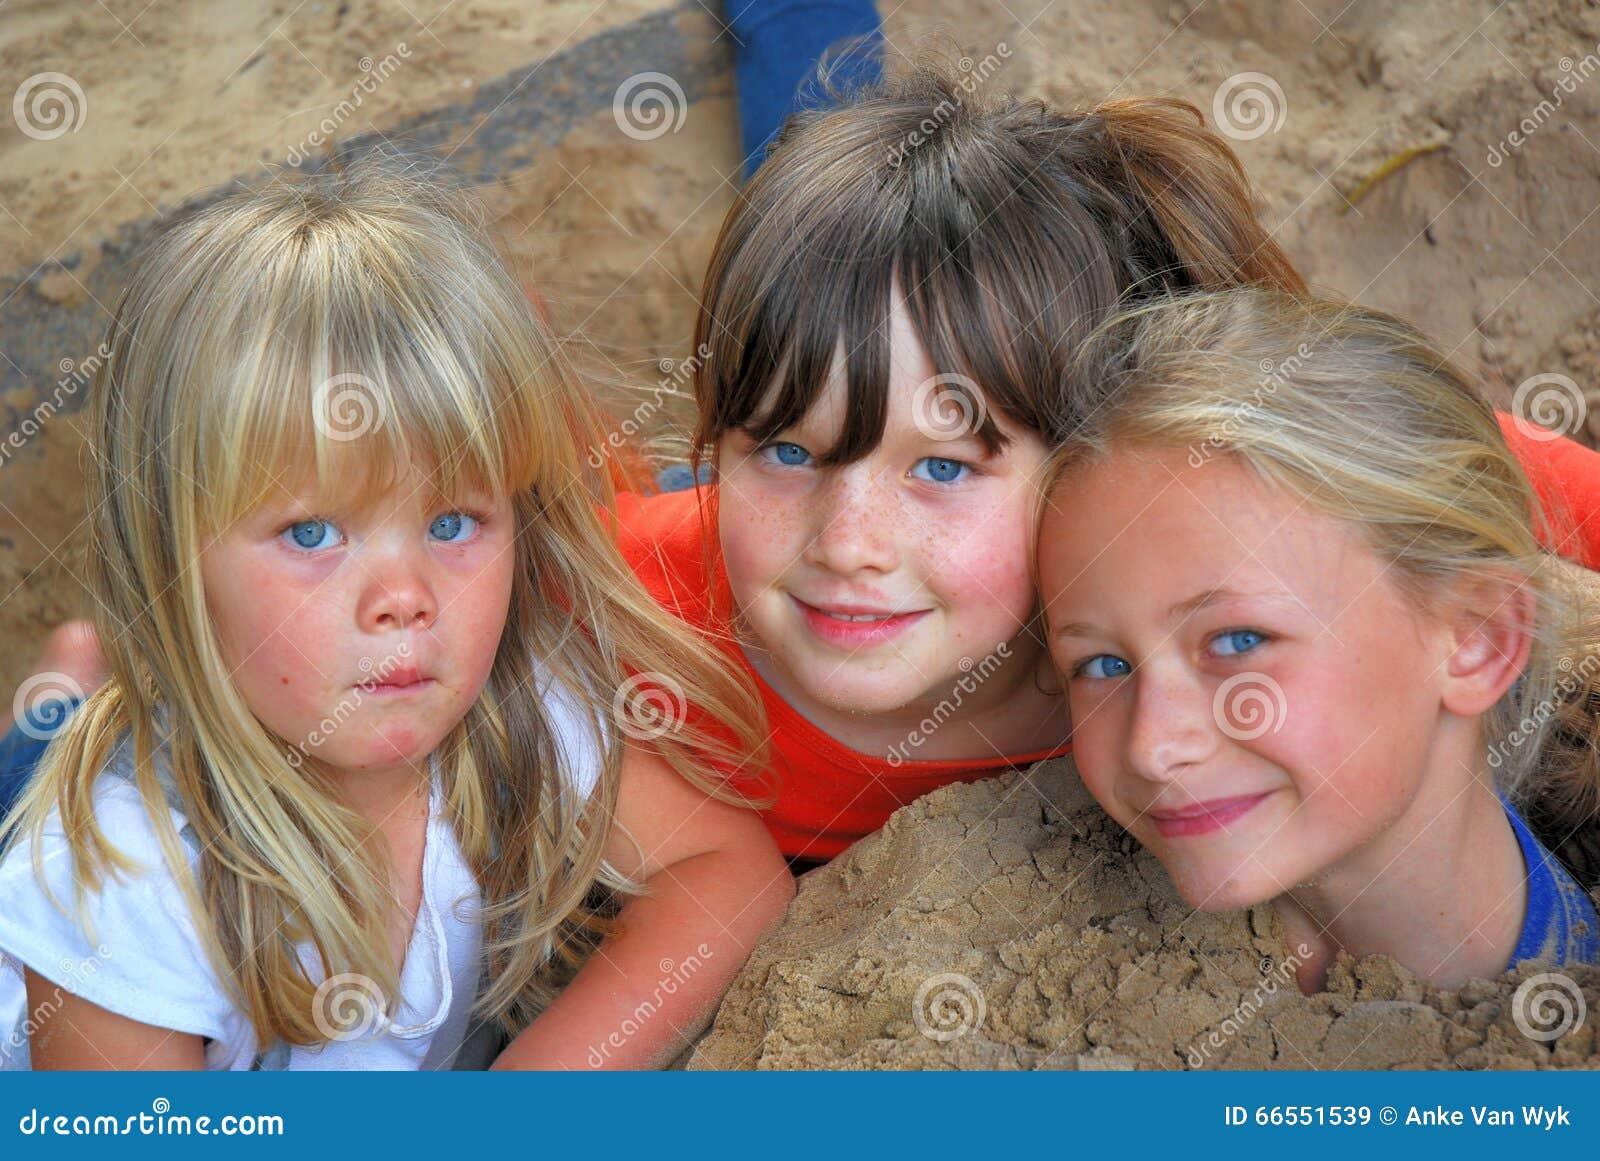 Sandpit przyjaciele